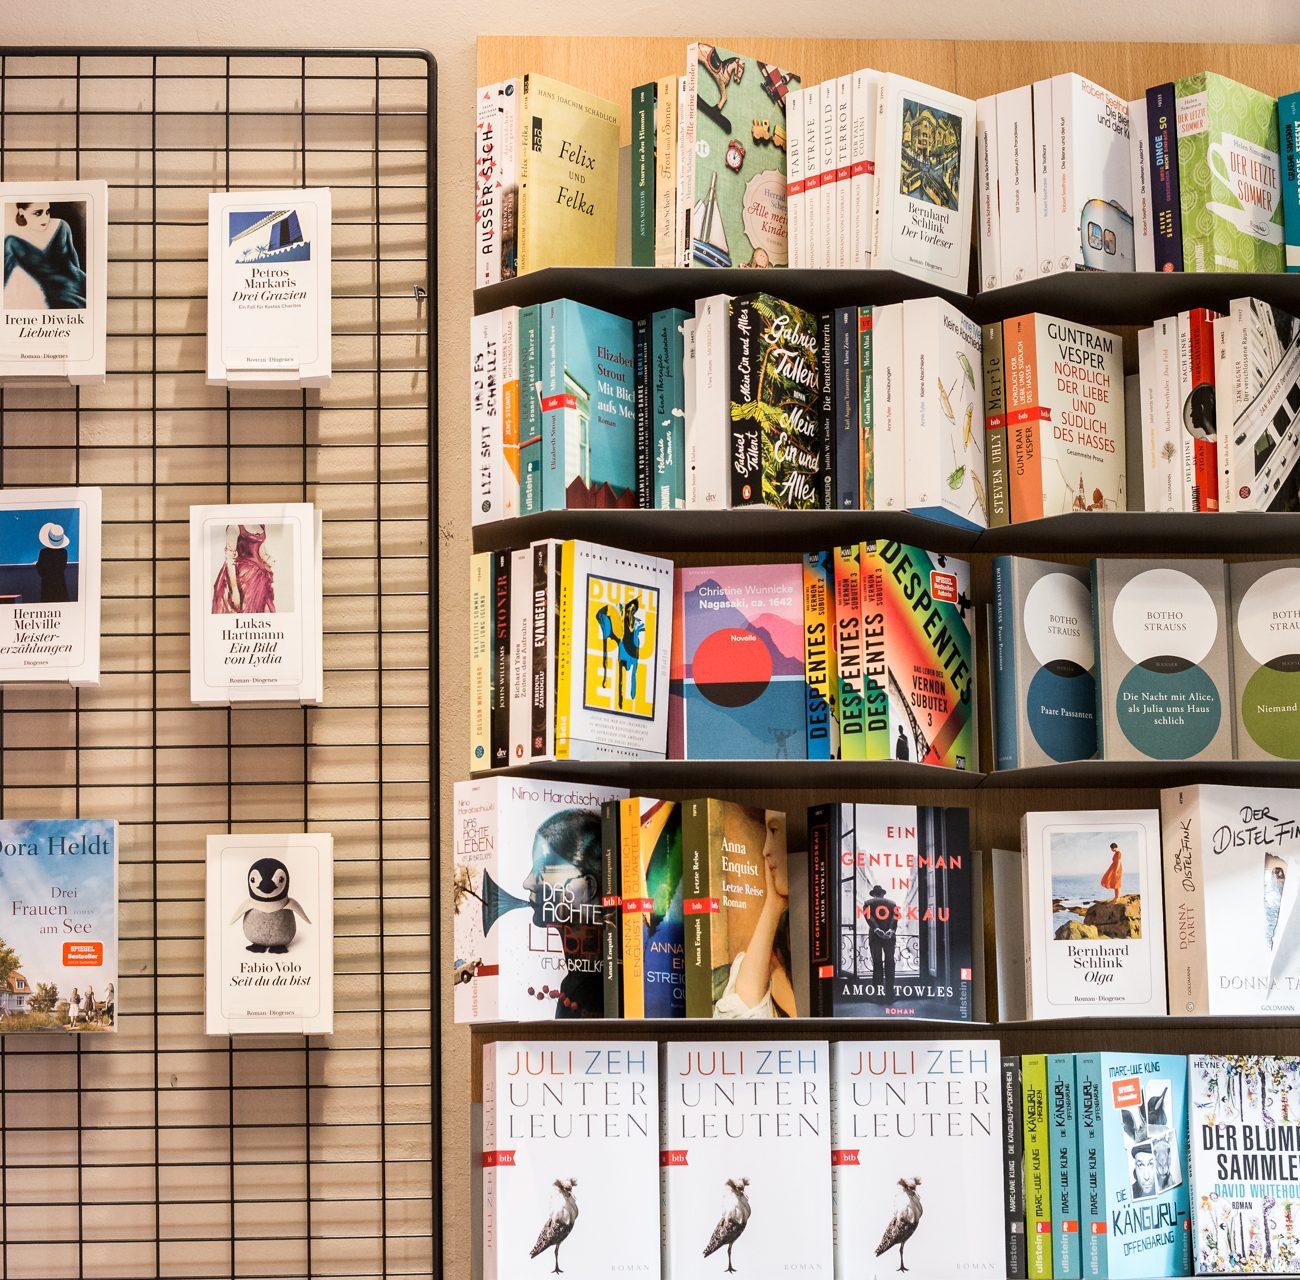 Taschenbuch | Regal | Parkbuchhandlung | Raeumlichkeiten | Buecher